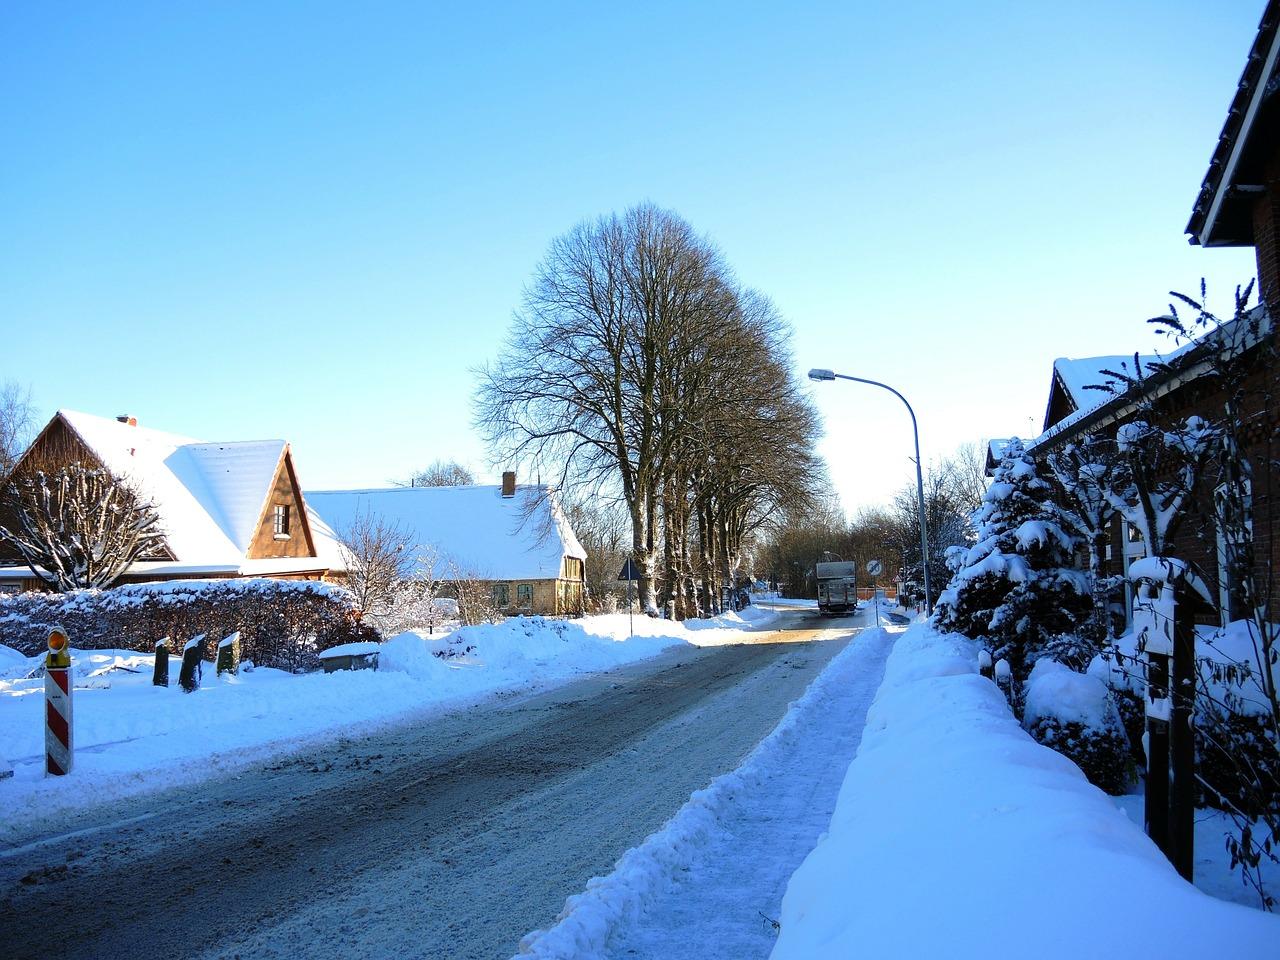 красивая деревня зимой фото 22